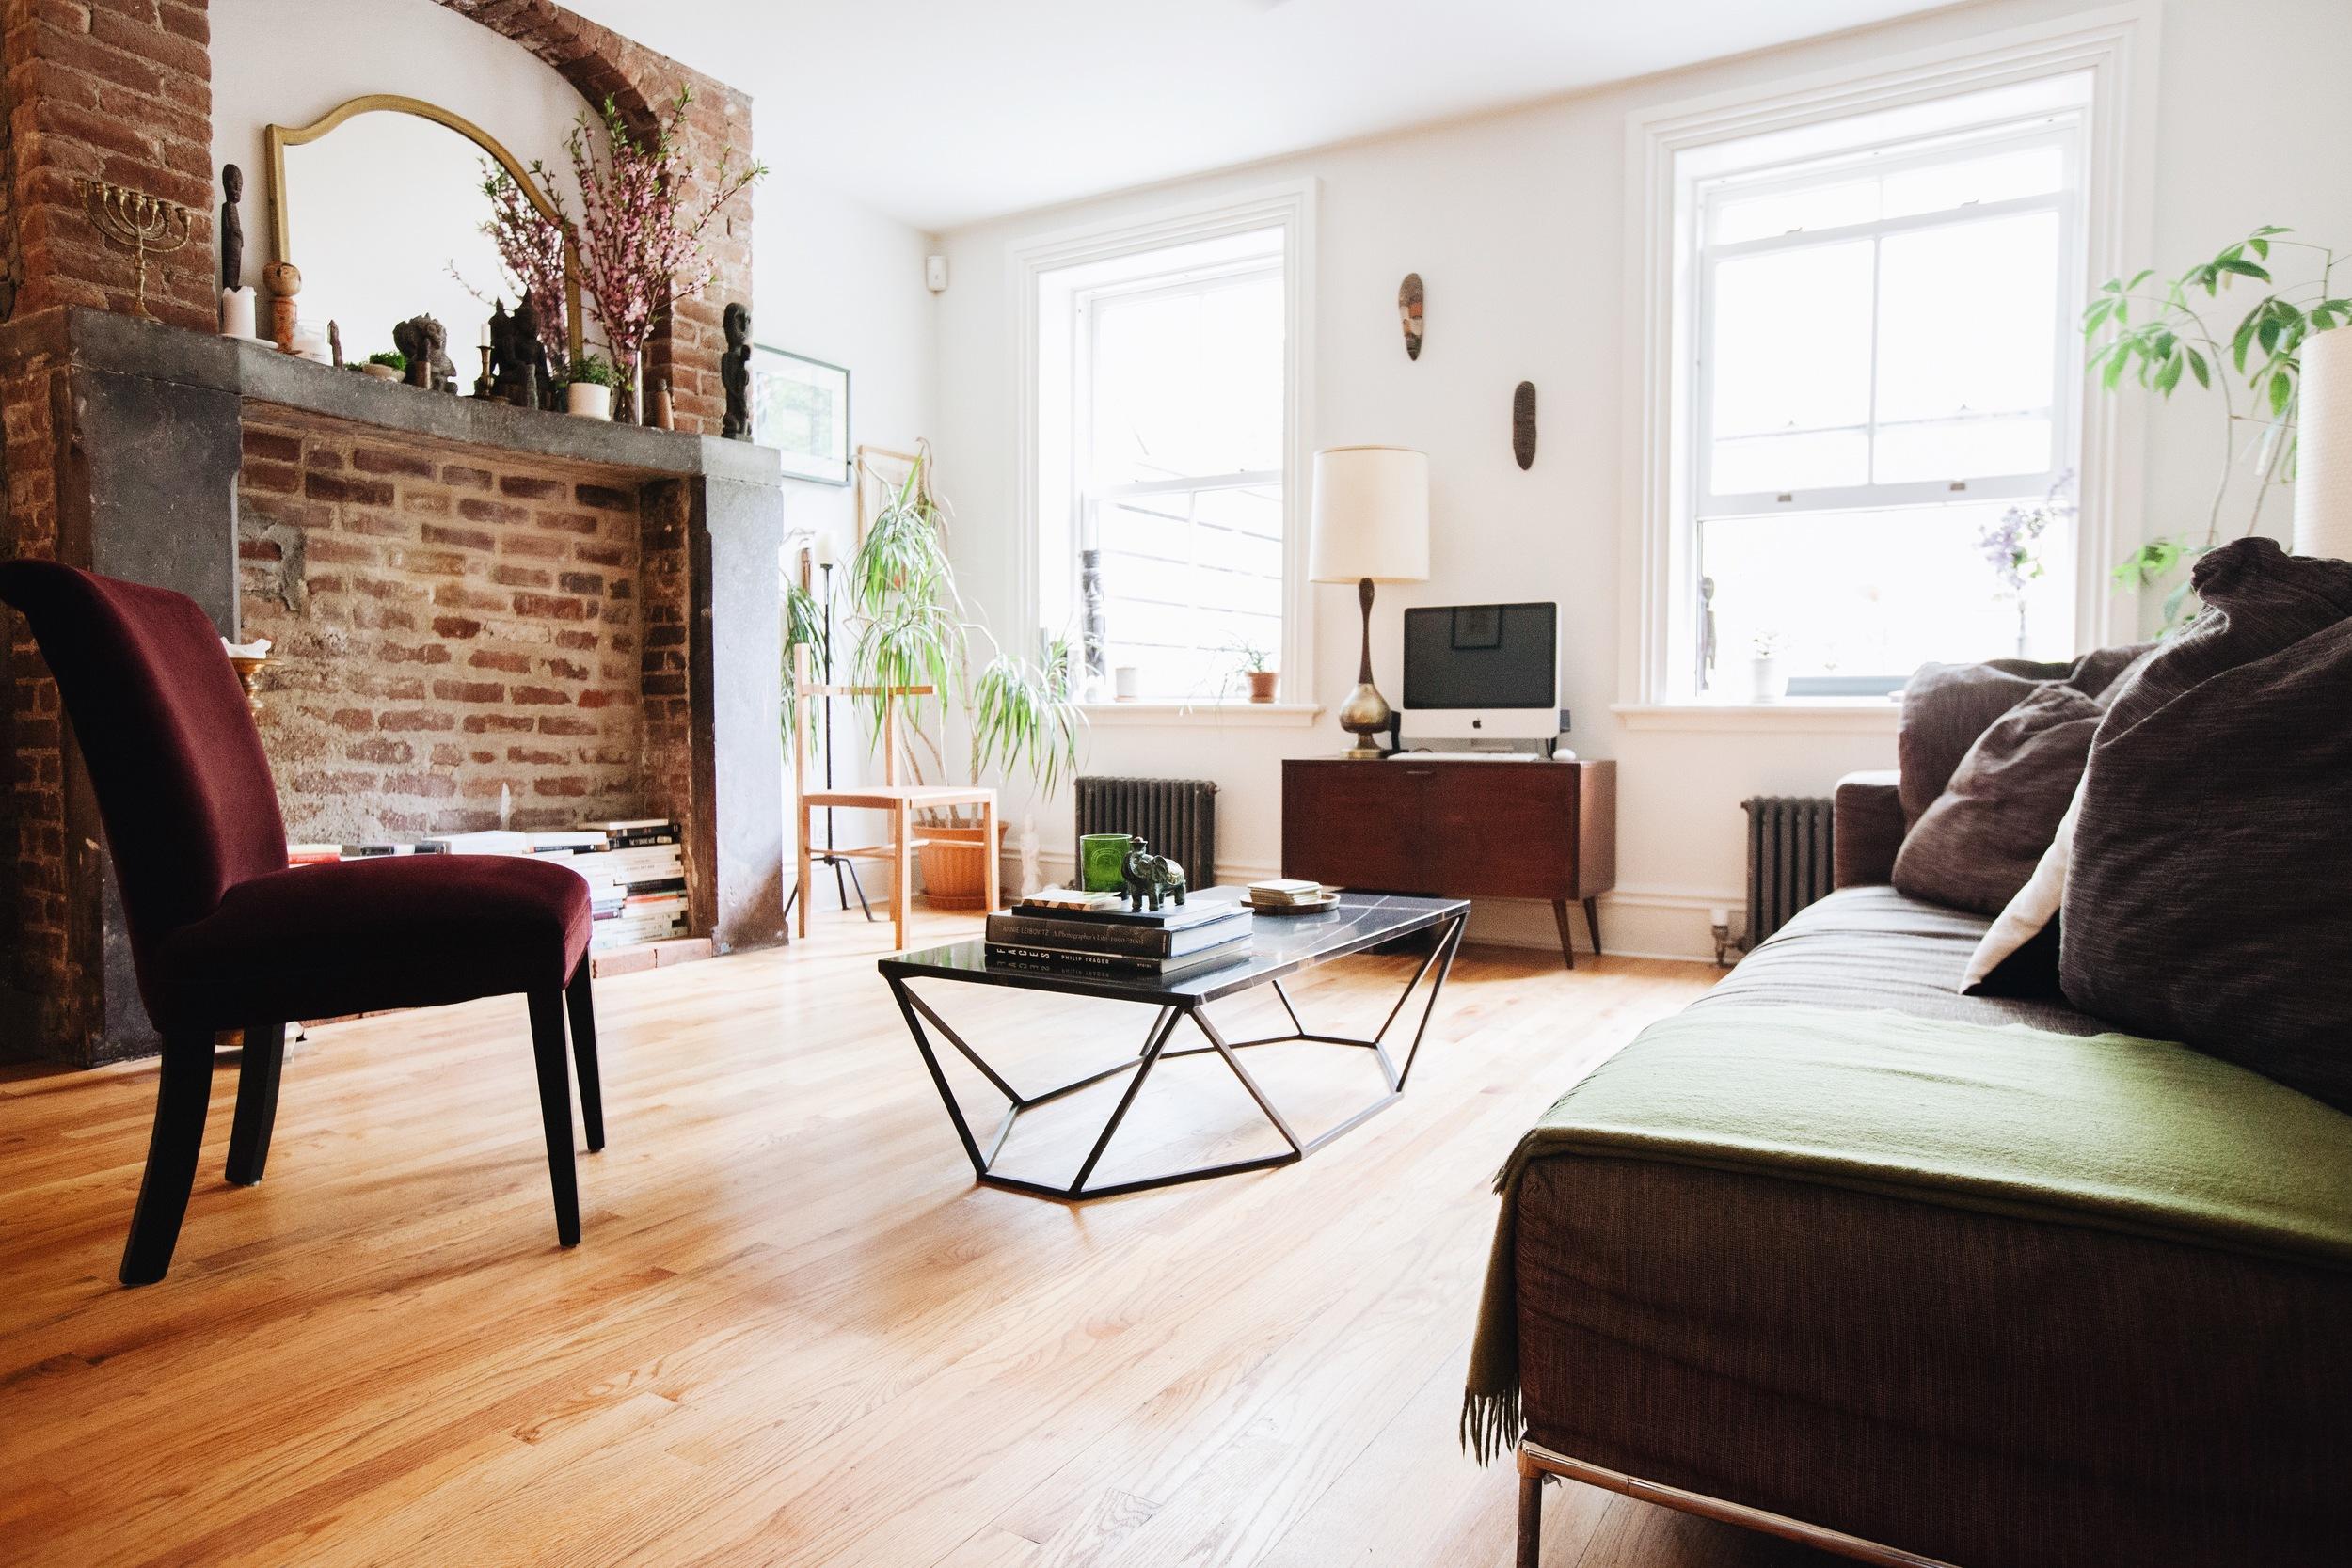 Dusk Coffee Table  by Coil + Drift, tan Soren Chair by Coil + Drift